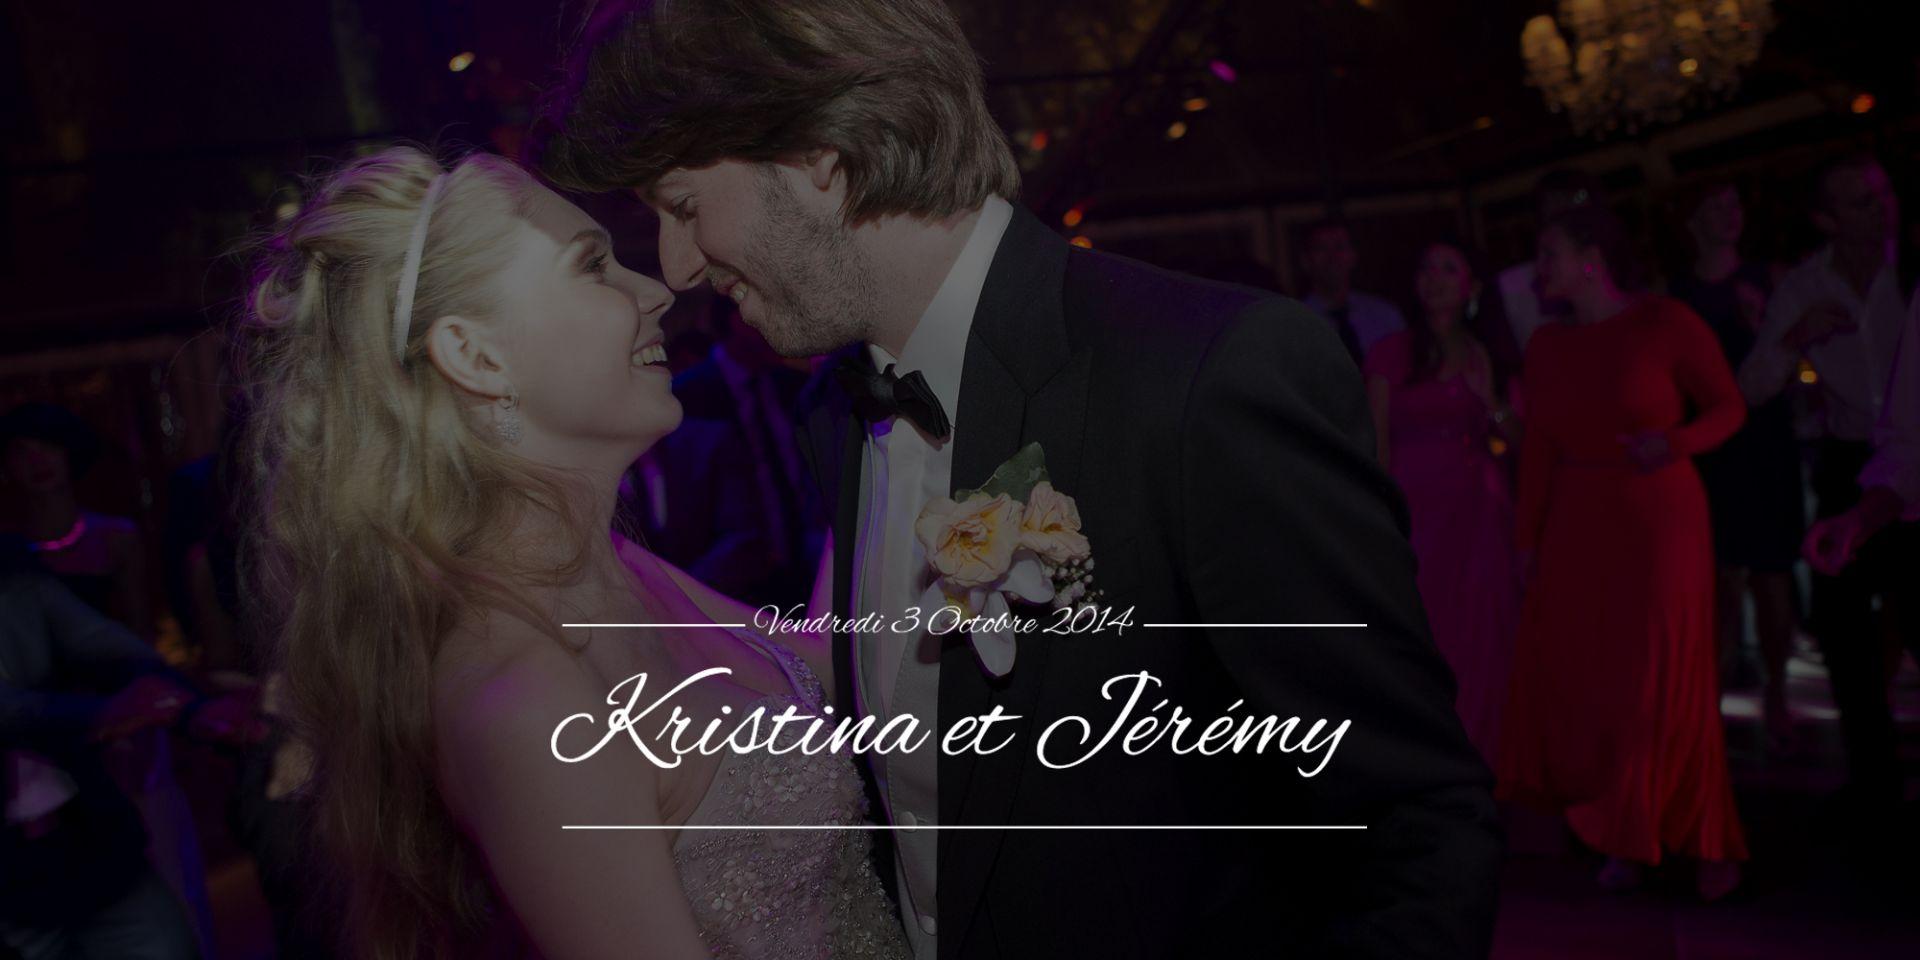 Kristina et jeremy